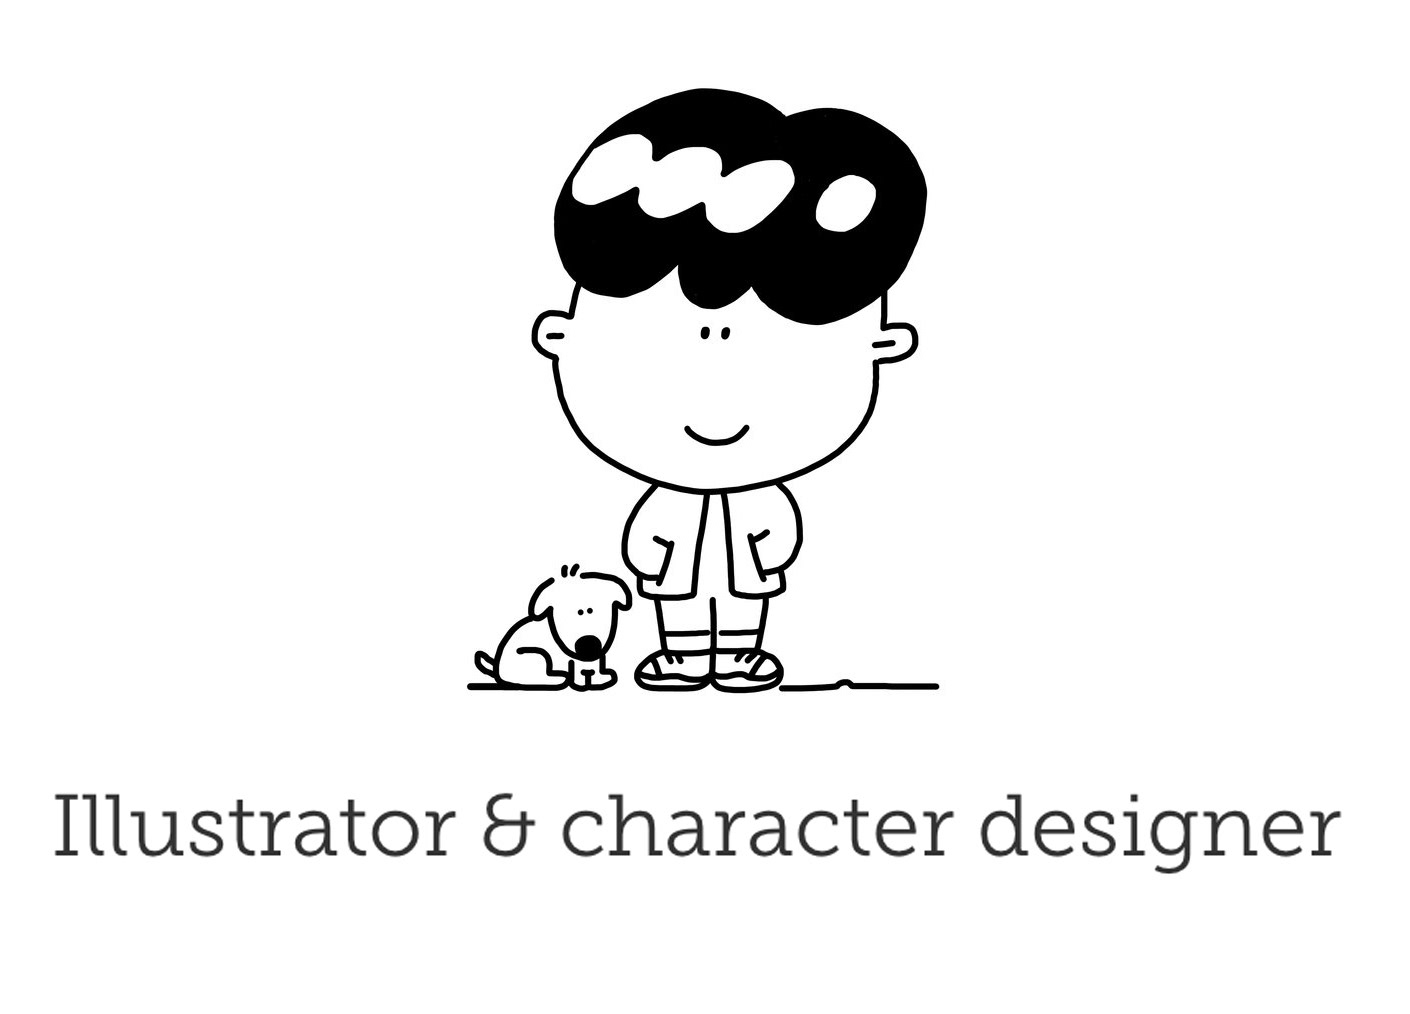 Illustrator & character designer